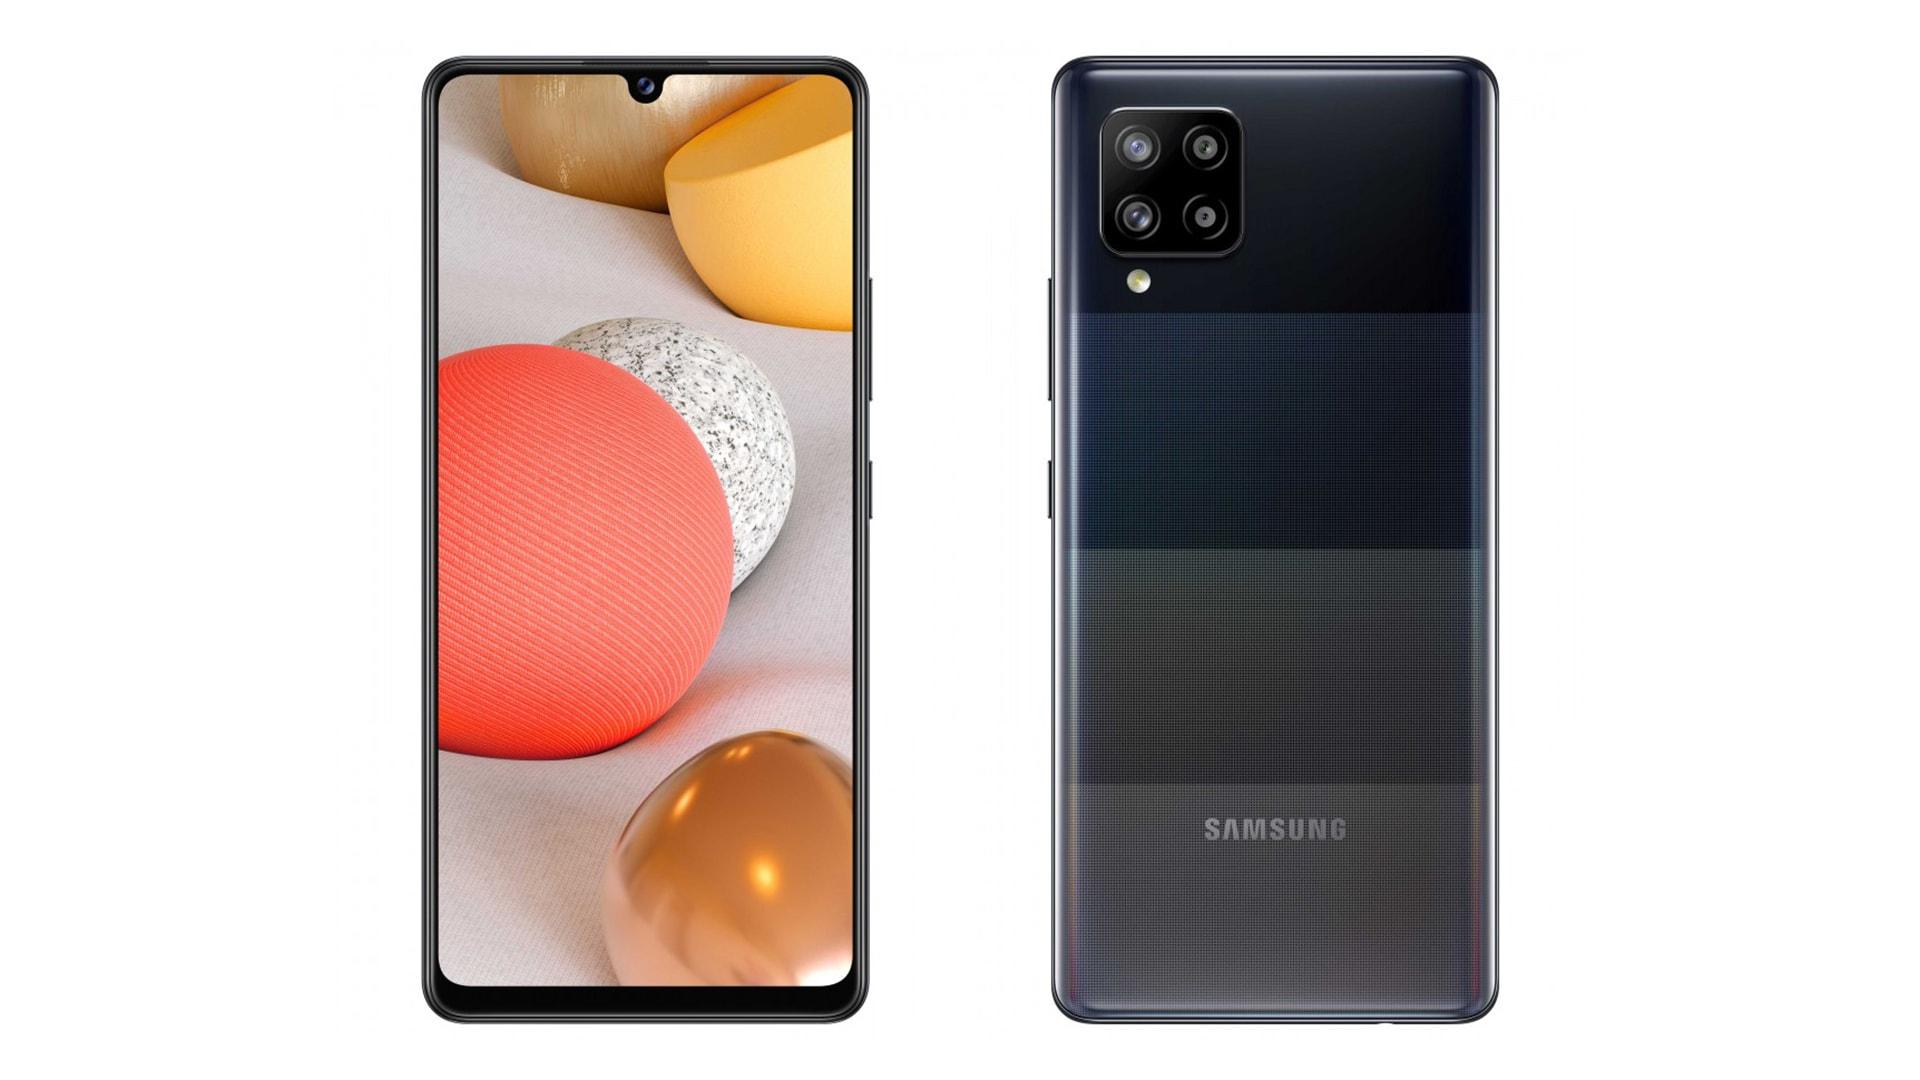 Samsung Galaxy A42 5G ufficiale: il prezzo non sembra male, e avrà il 5G